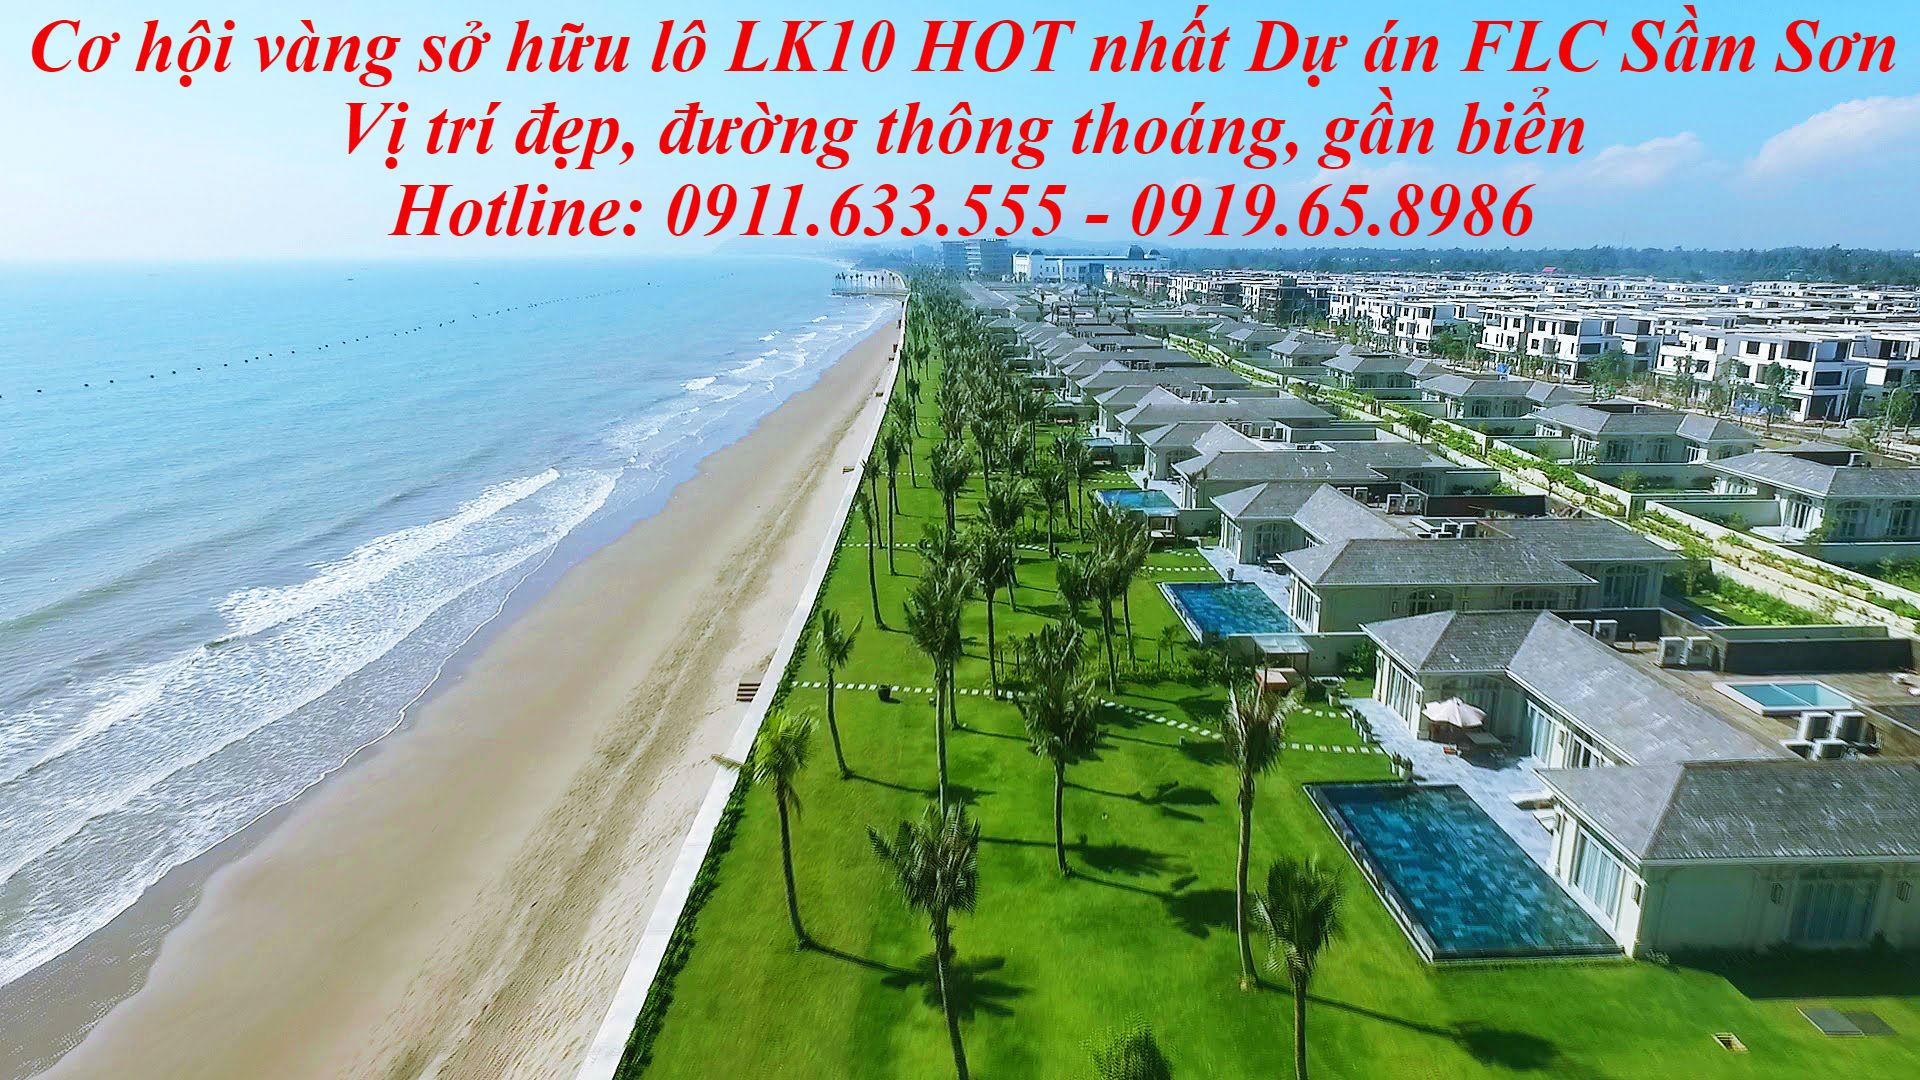 Bán đất LK 10 dự  án FLC Luxcity Sầm Sơn Thanh Hóa